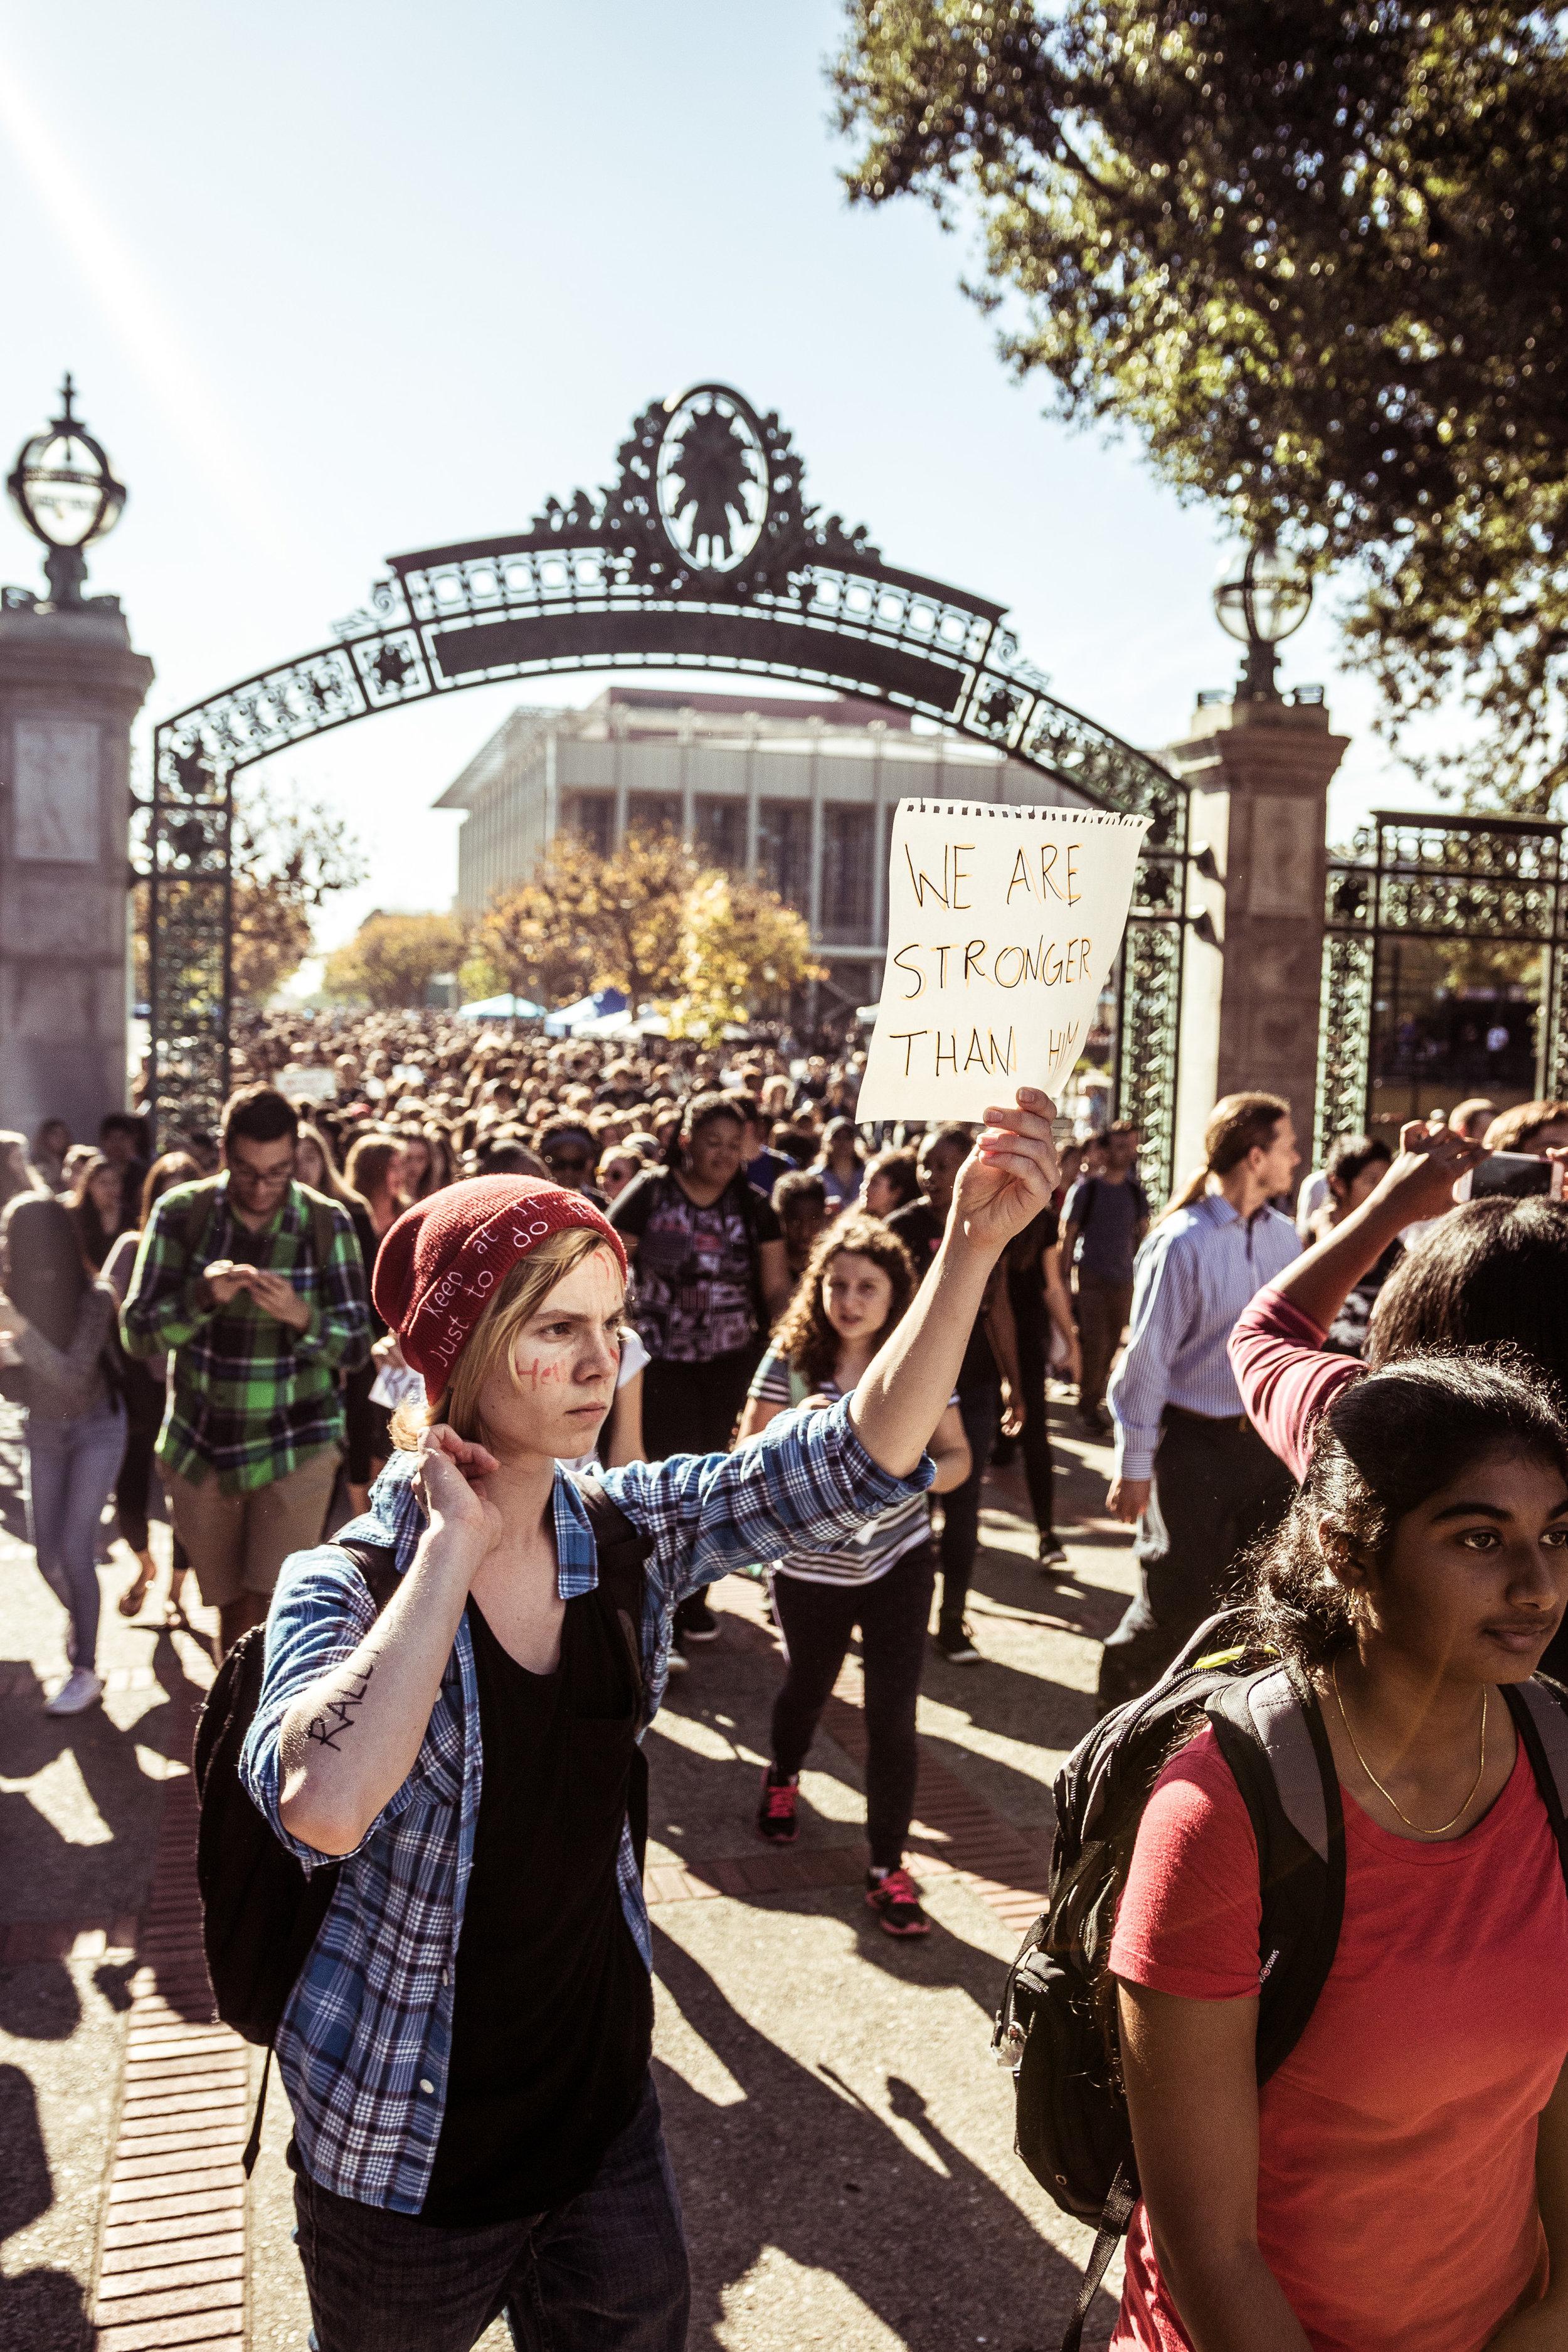 Berkeley-Nov9Rally44-WeAreStrongerThanHimSign-FullRes.jpg